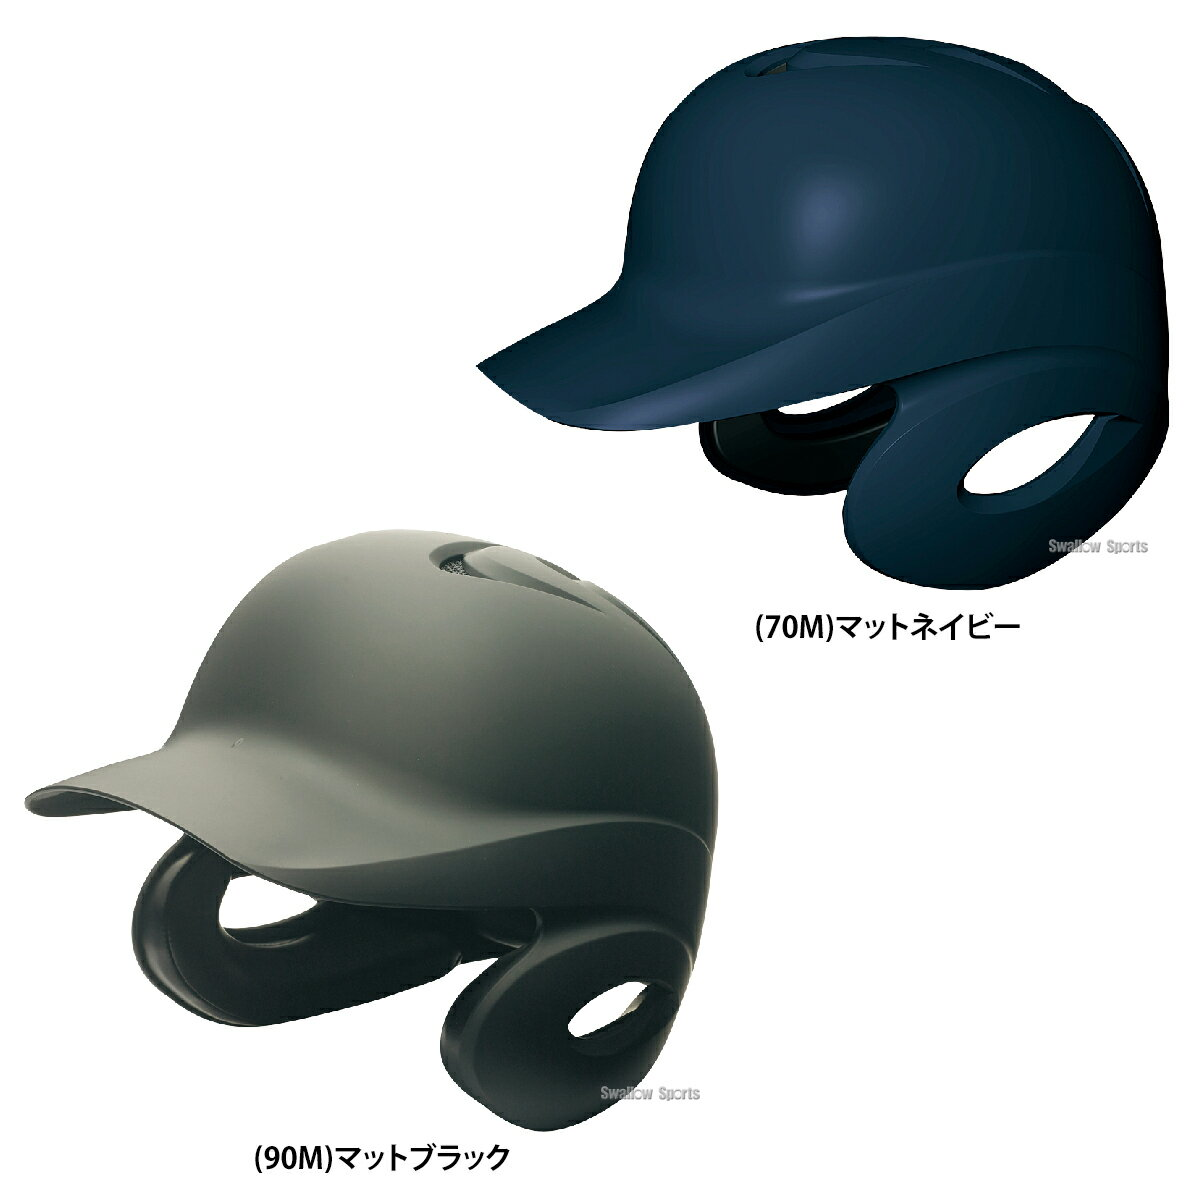 SSK エスエスケイ 軟式 打者用 ヘルメット 両耳付き 艶消し H2500M 野球用品 スワロースポーツ